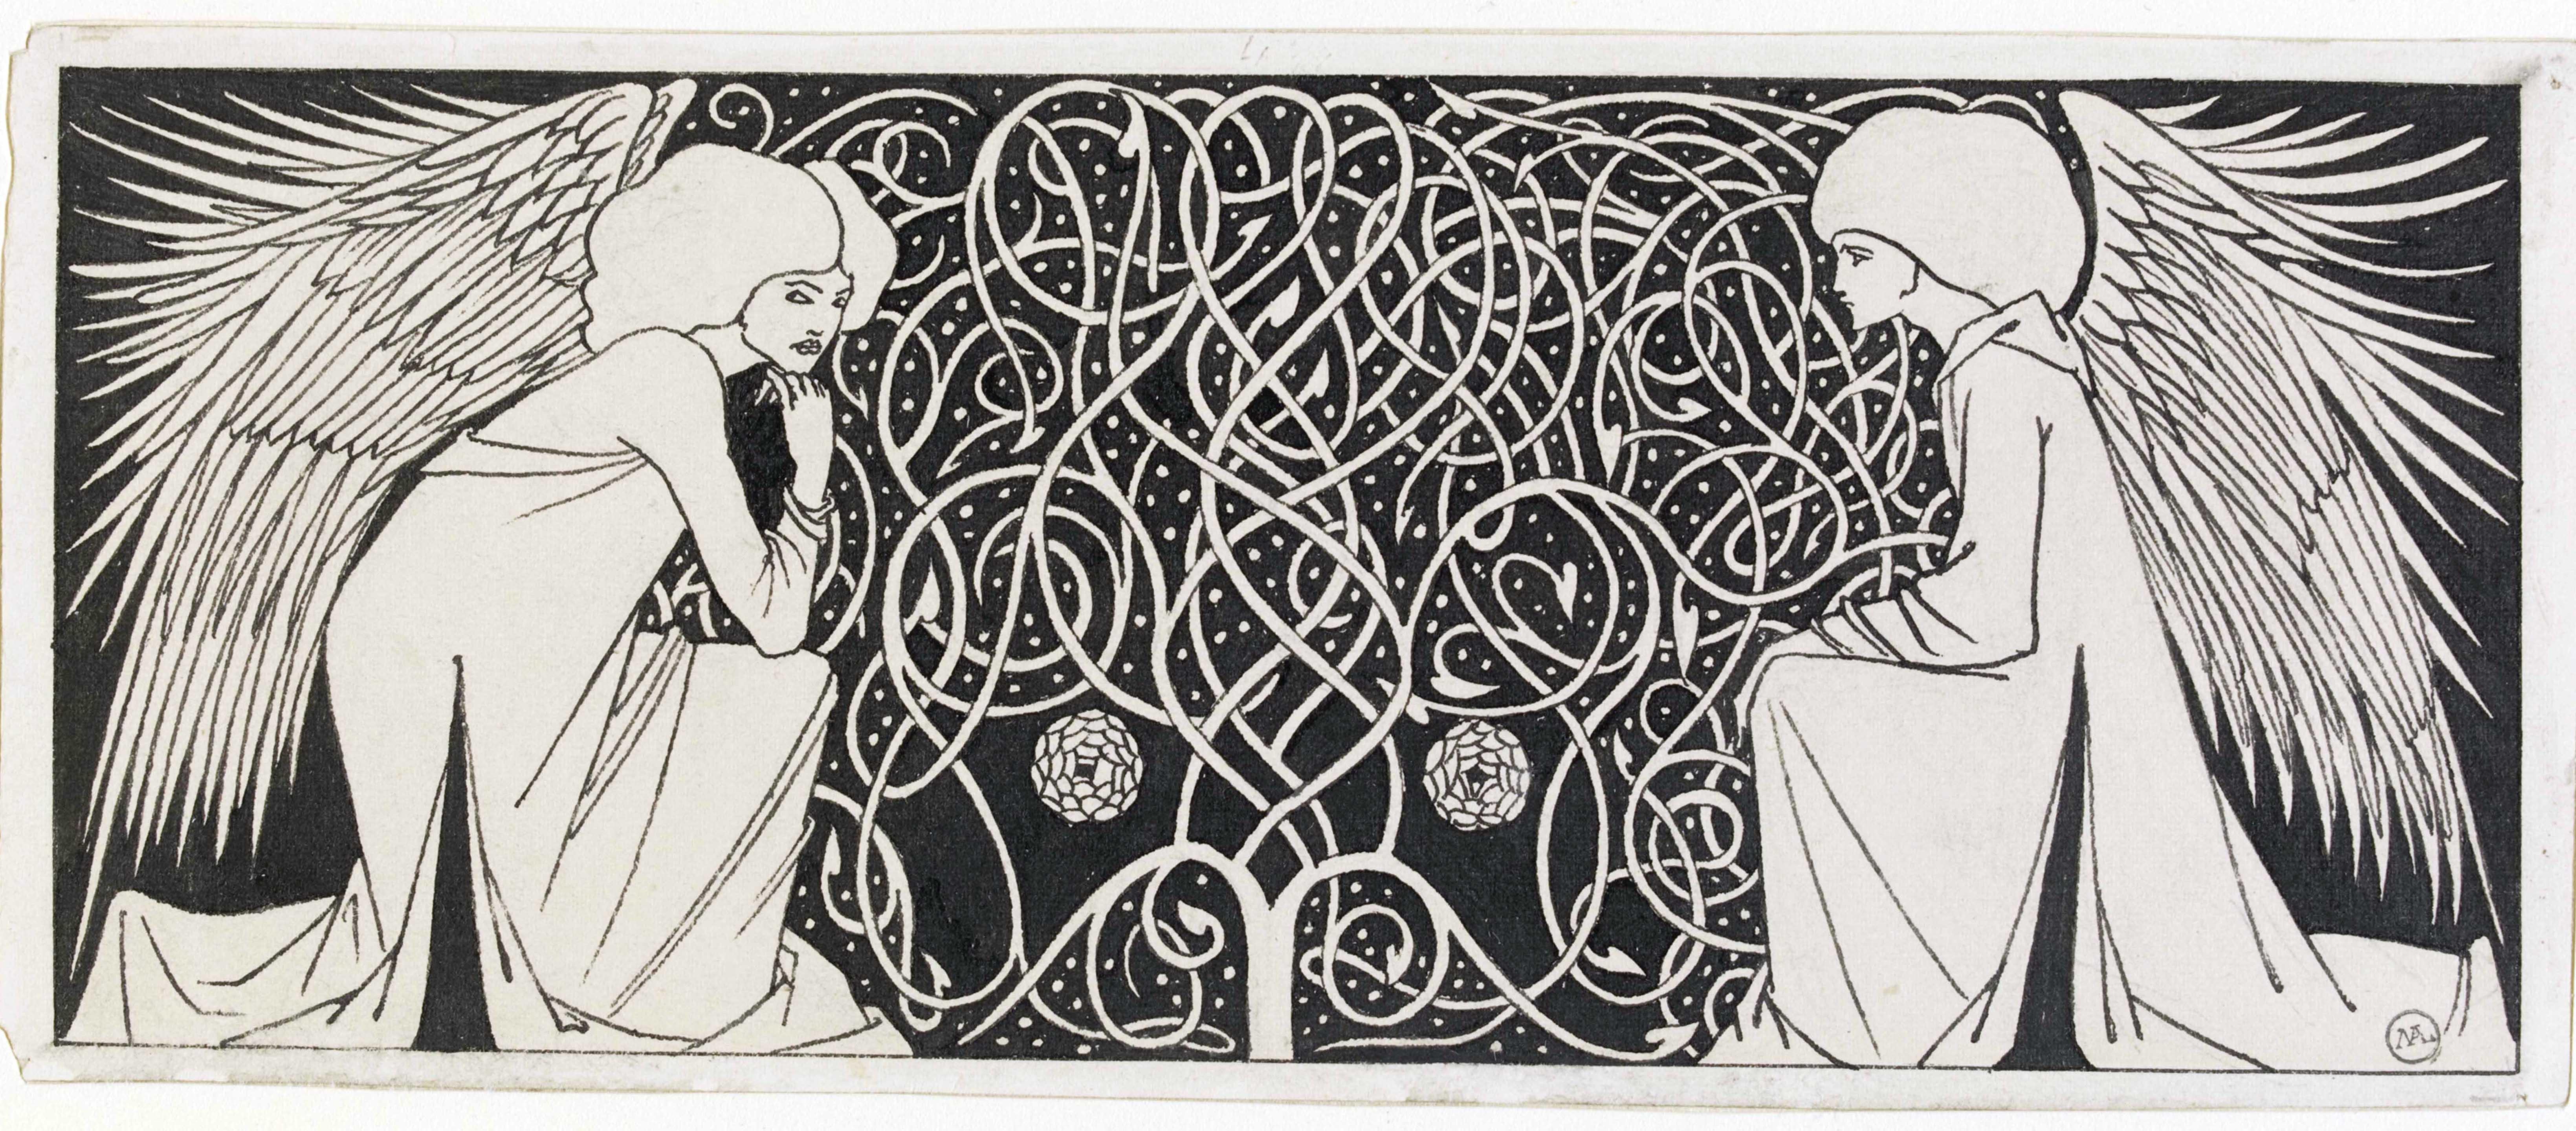 """Обри Бердслей. Титульная заставка для книги Т. Мэлори """"Смерть Артура"""". Около 1893—1894. Бумага, карандаш, тушь. Музей Виктории и Альберта, Лондон."""